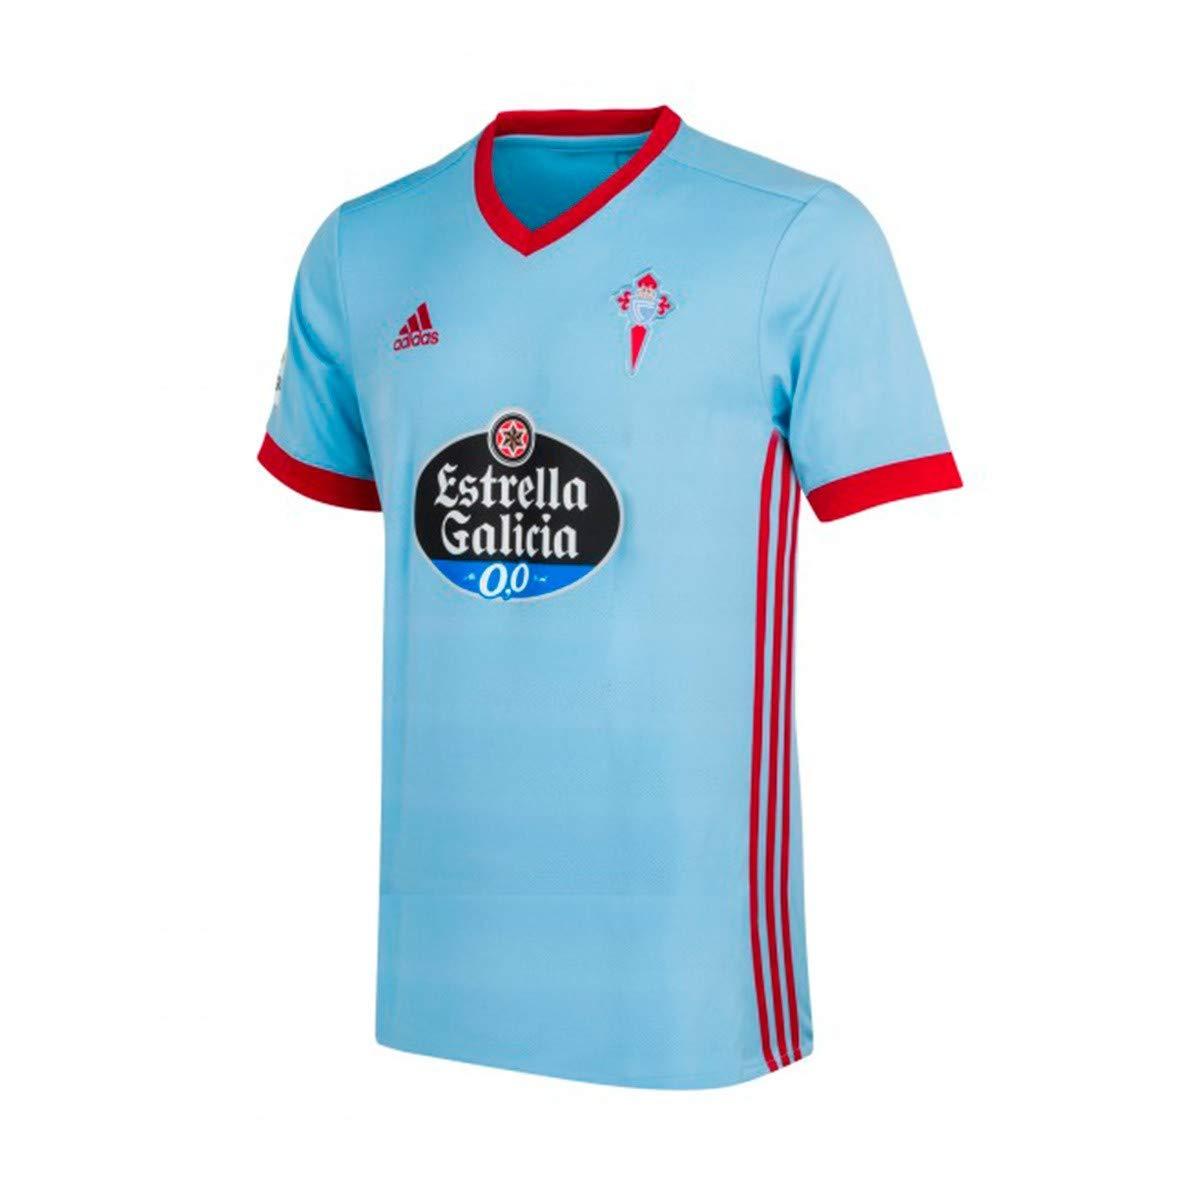 adidas Celta de Vigo Camiseta de Equipación, Niños: Amazon ...